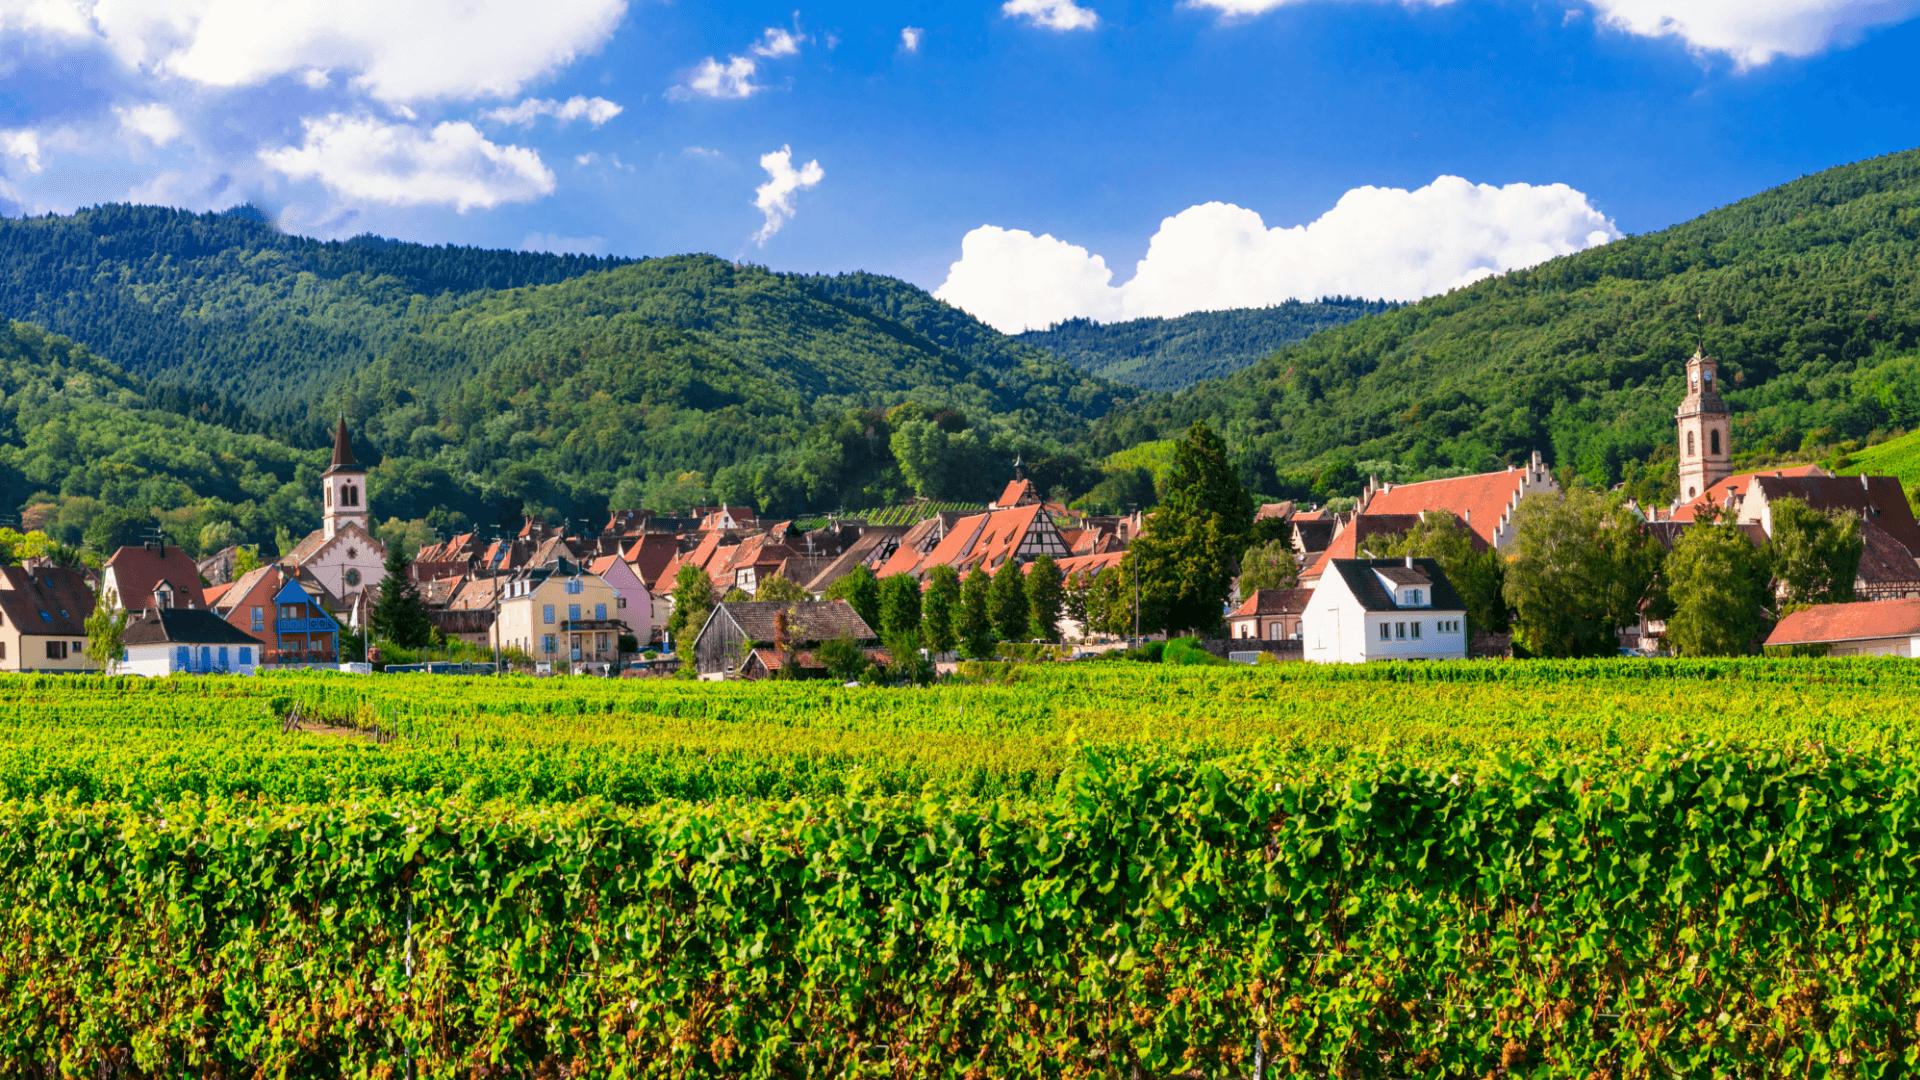 Fransa'nın Masalsı Köyleri | Alsace